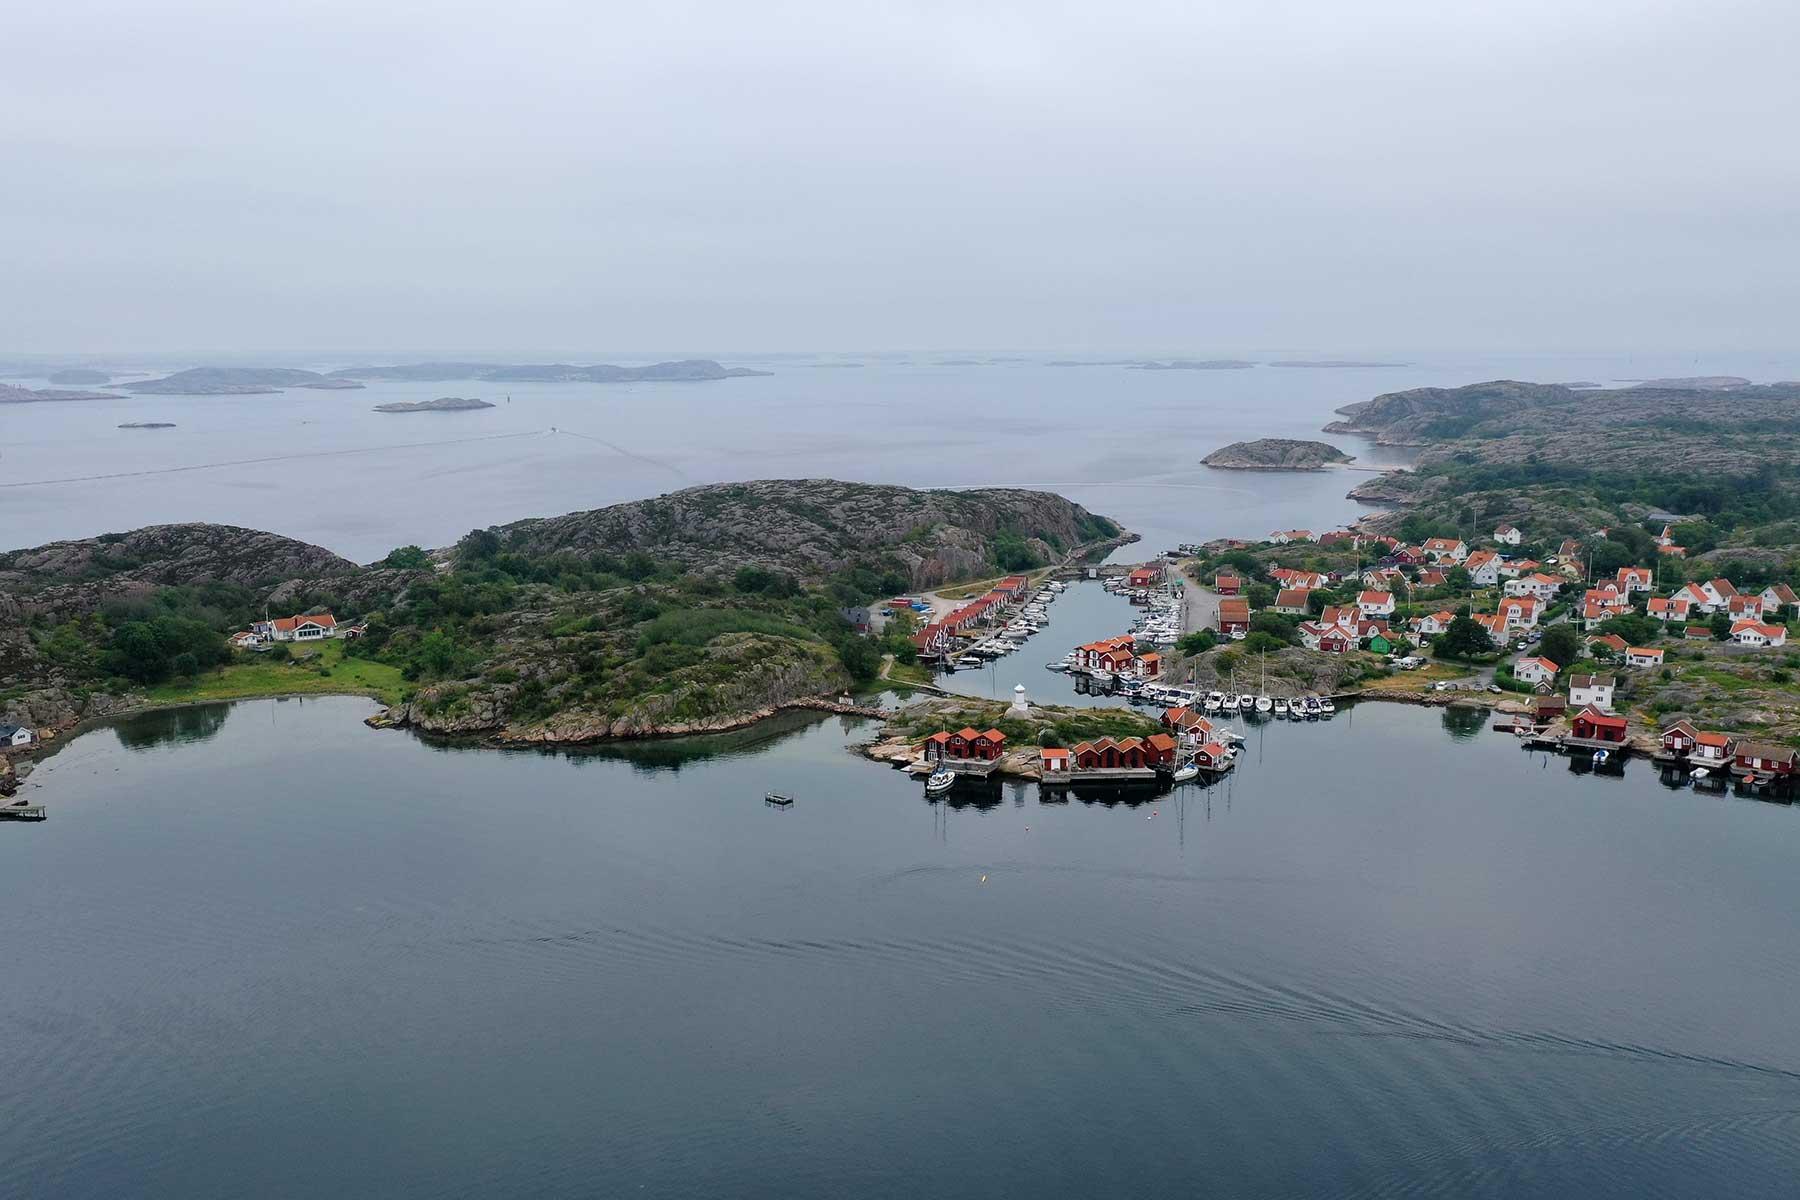 Upplev-städer-Västkusten-i-Sverige-med-Nygren-Lind-Resebyrå